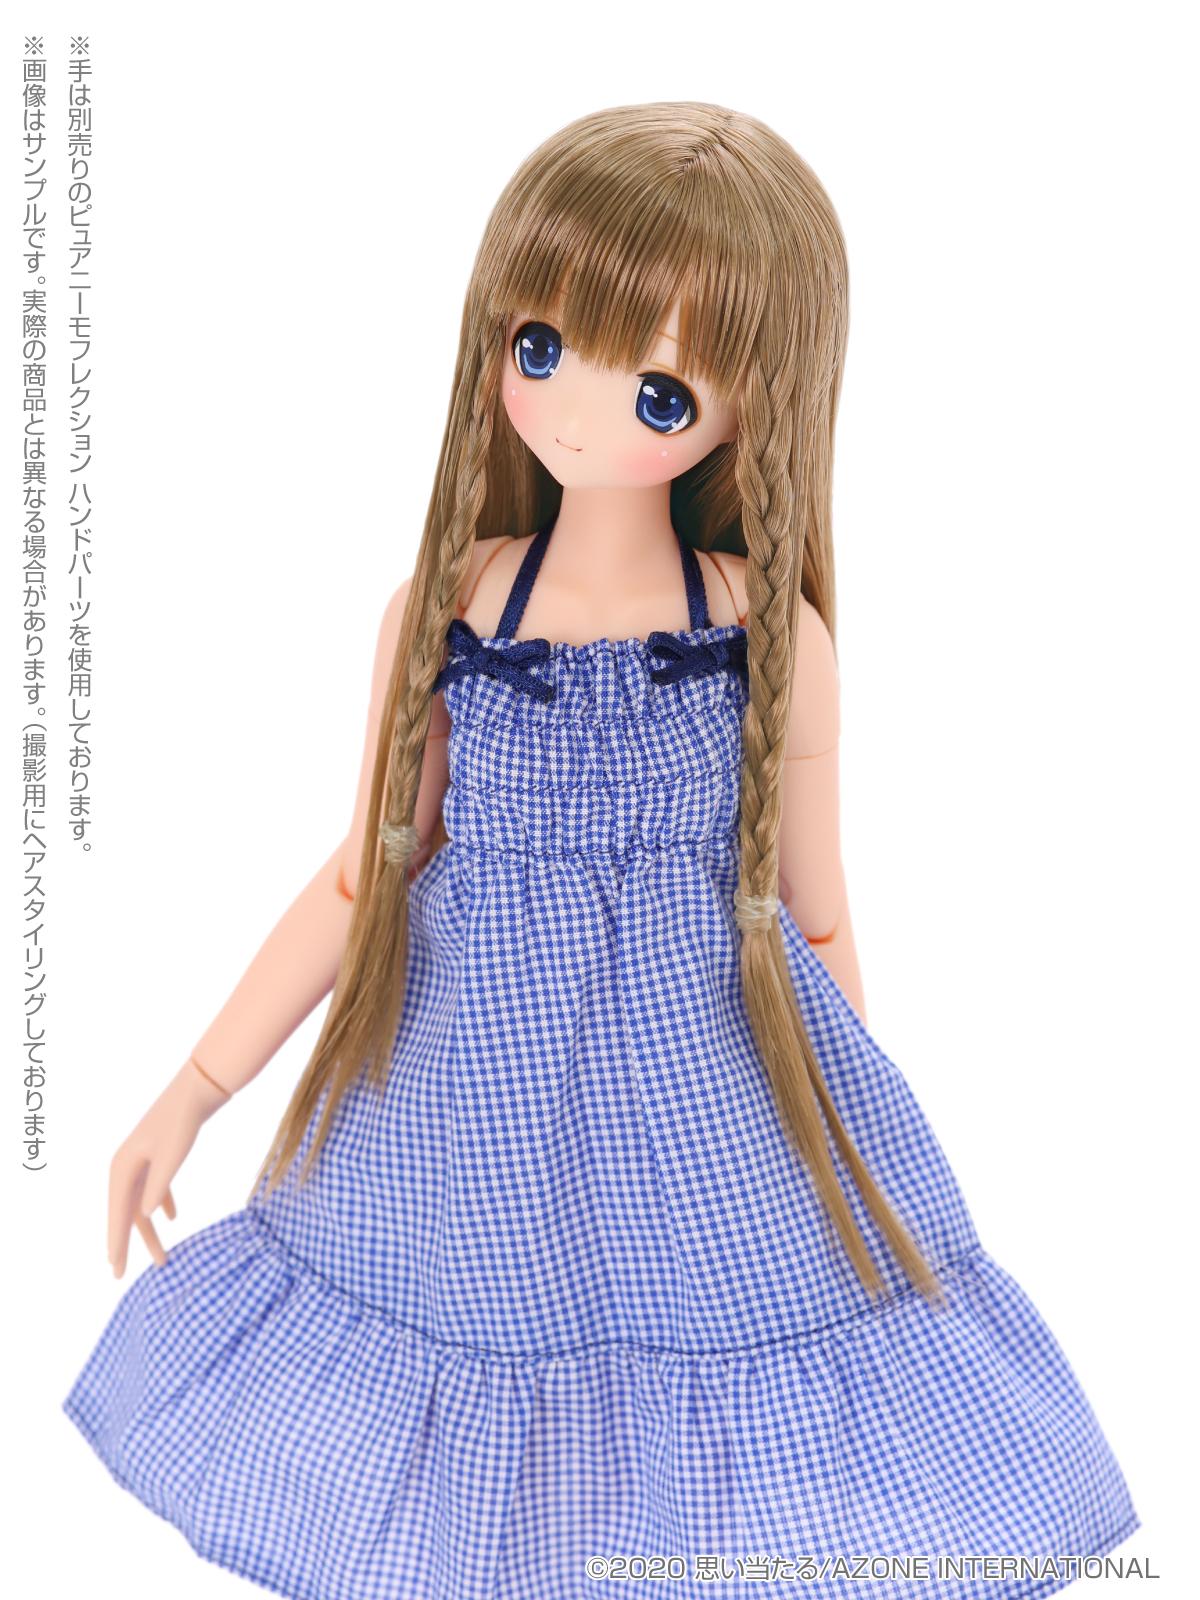 サアラズ ア・ラ・モード『ALISA(アリサ)/ Sweet Home! コーディネイトドールset ~ブラウンゴールドヘア~』1/6 完成品ドール-005